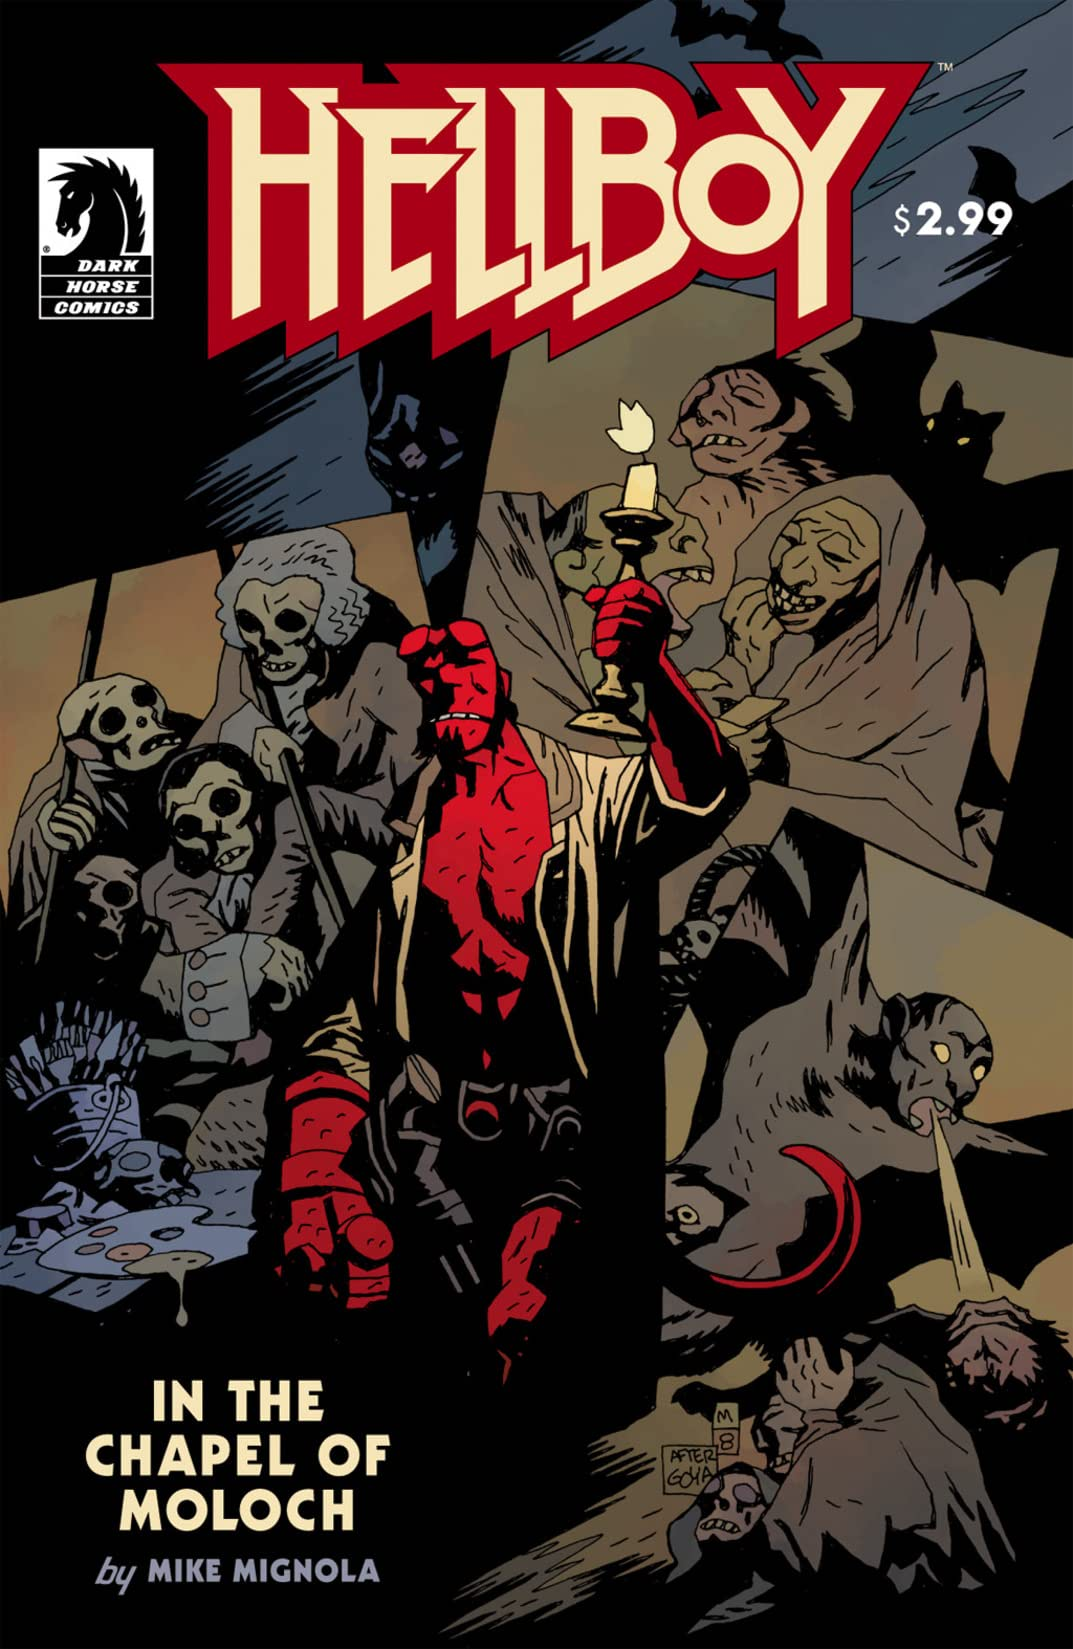 Hellboy: In the Chapel of Moloch #4